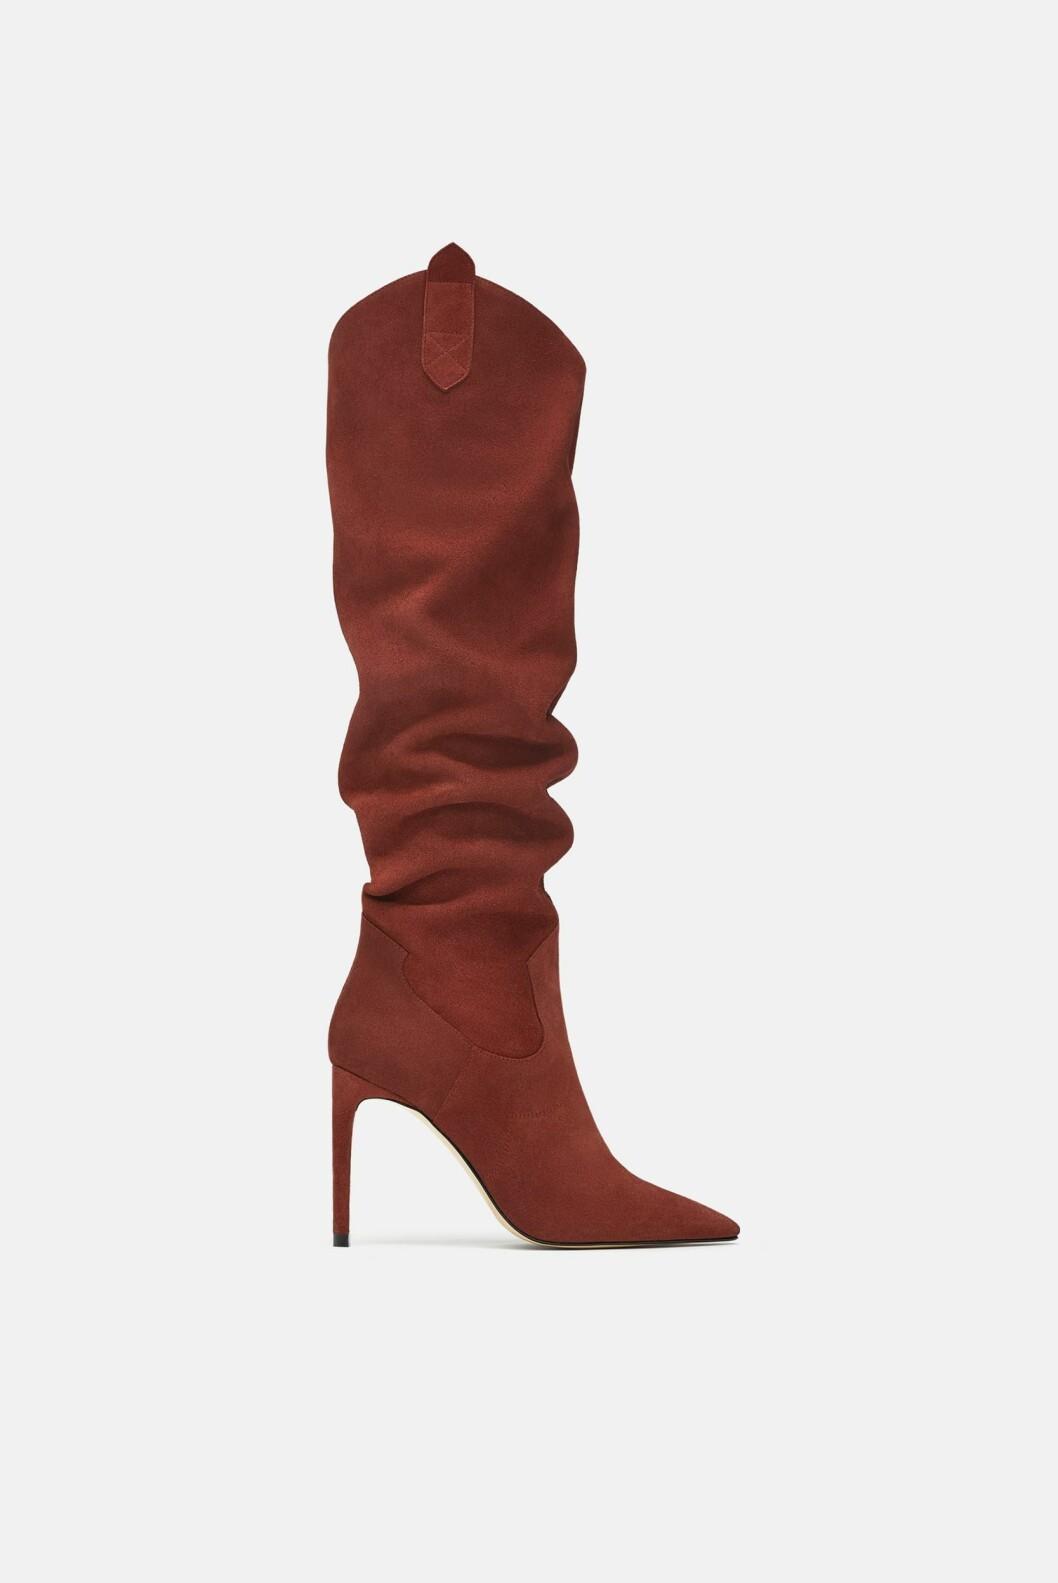 <strong>Sko fra Zara |1400,-| https:</strong>//www.zara.com/no/no/h%C3%B8yh%C3%A6lt-st%C3%B8vel-i-mykt-skinn-p15008301.html?v1=6963527&v2=1074625